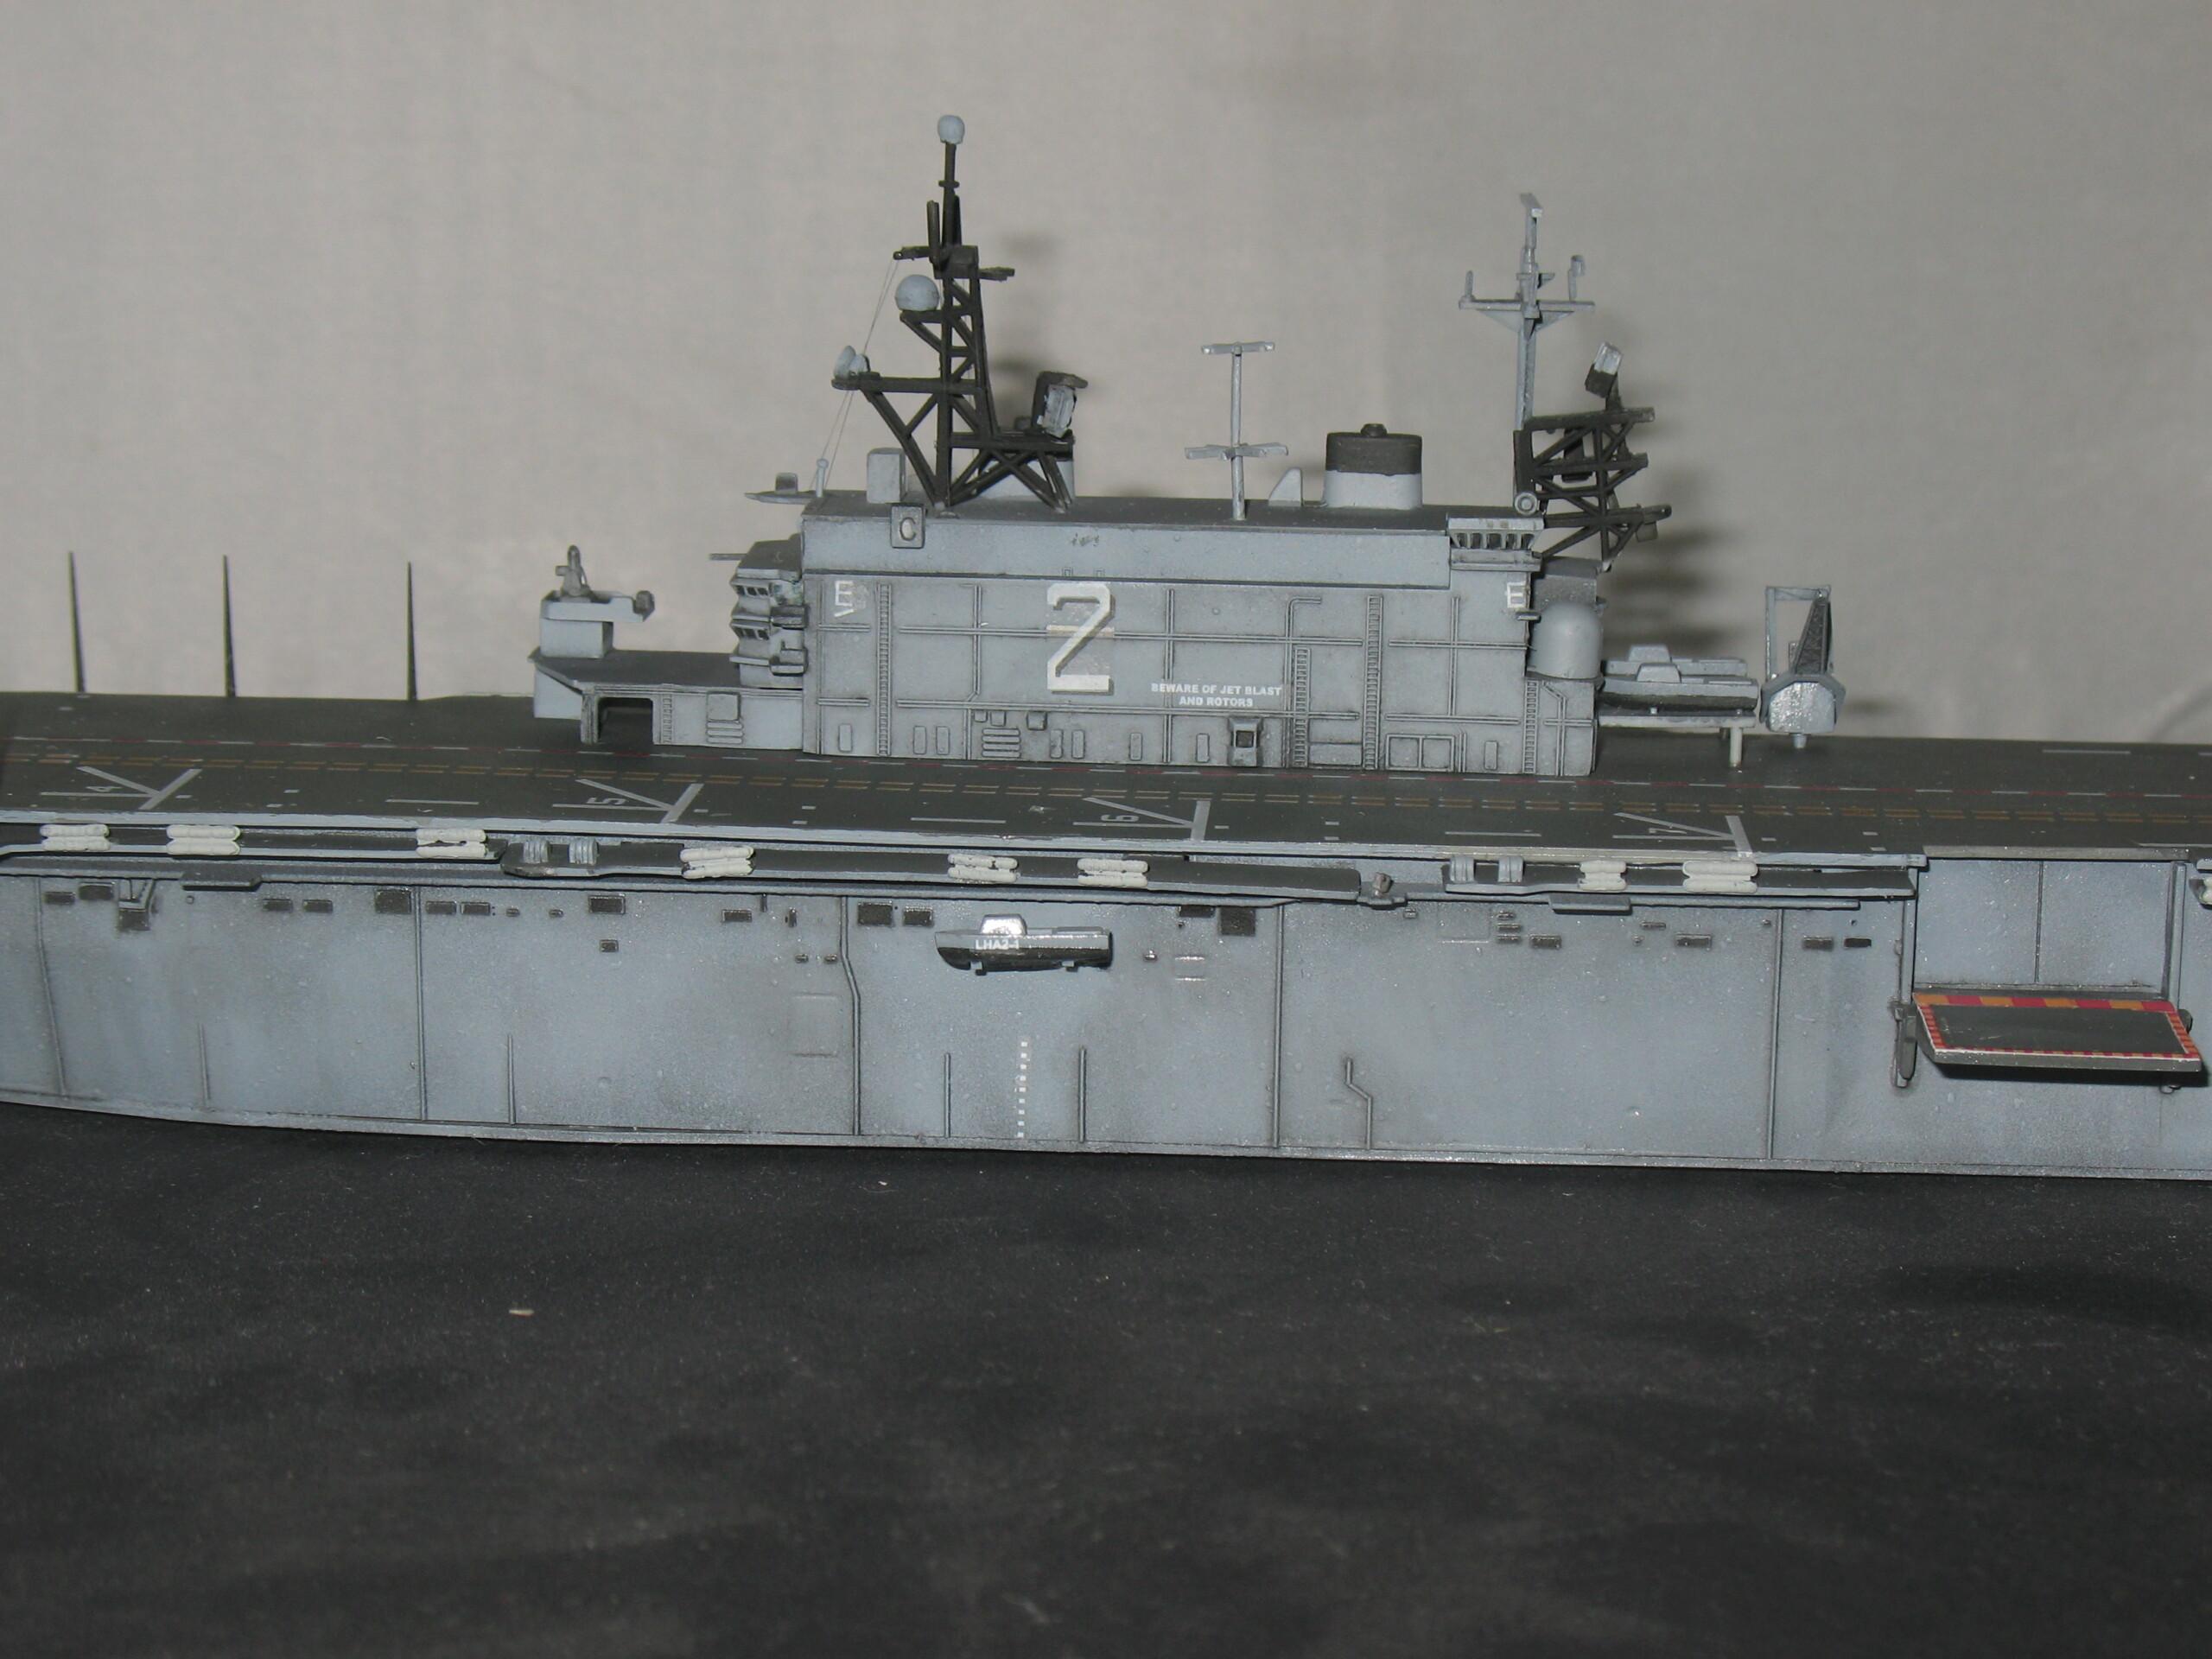 [Dragon] 1/700 USS Saipan LHA-2 Img_3833